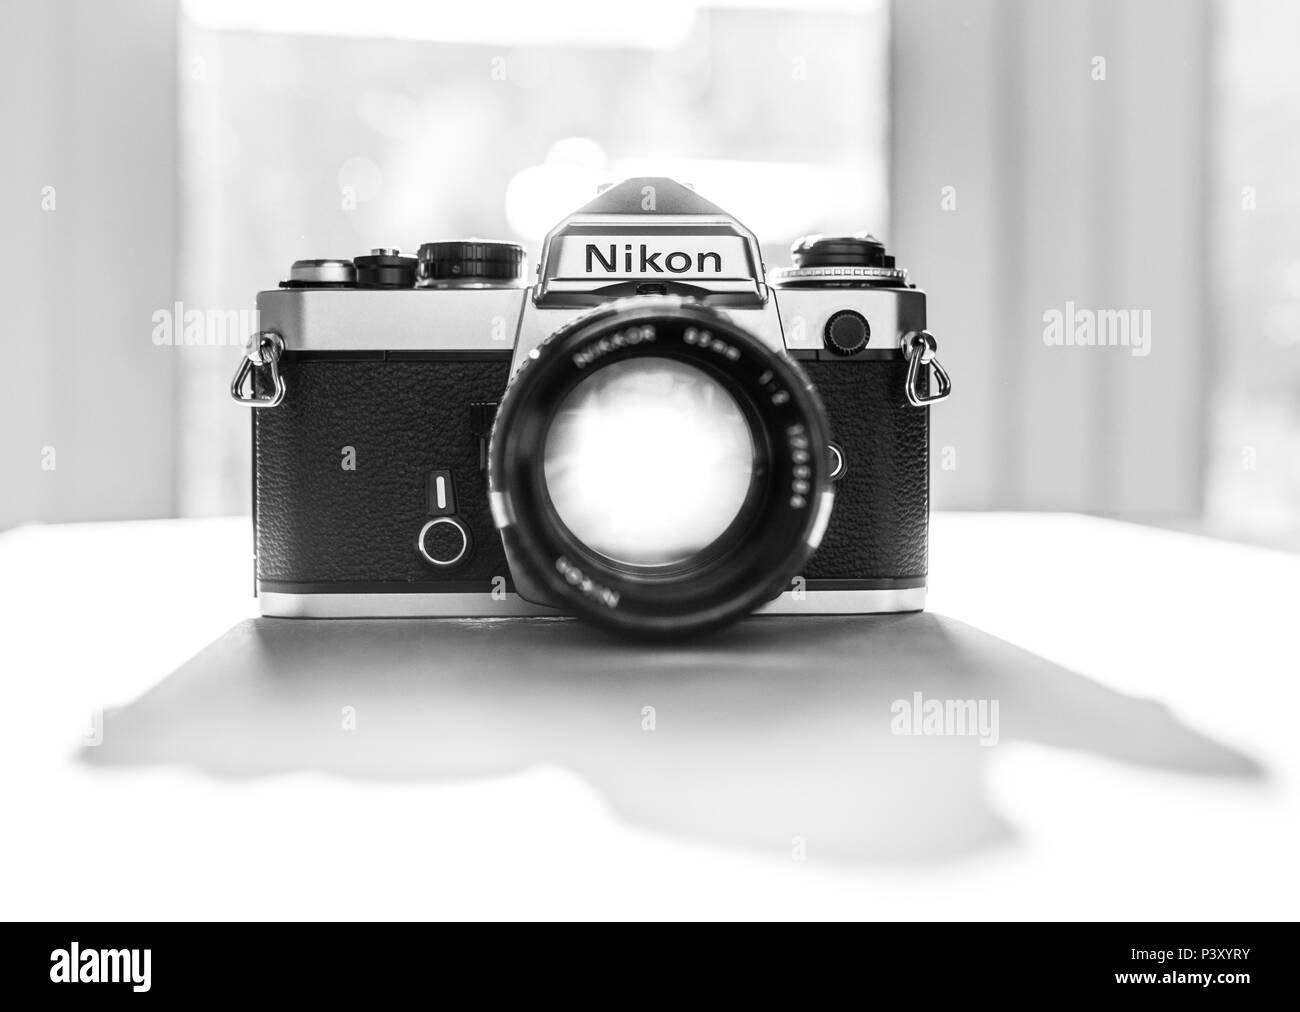 Nikon FE reflex a lente singola 35mm Pellicola professionale fotocamera, lanciata per la prima volta nel 1978 e rimase in produzione fino al 1983. Immagini Stock